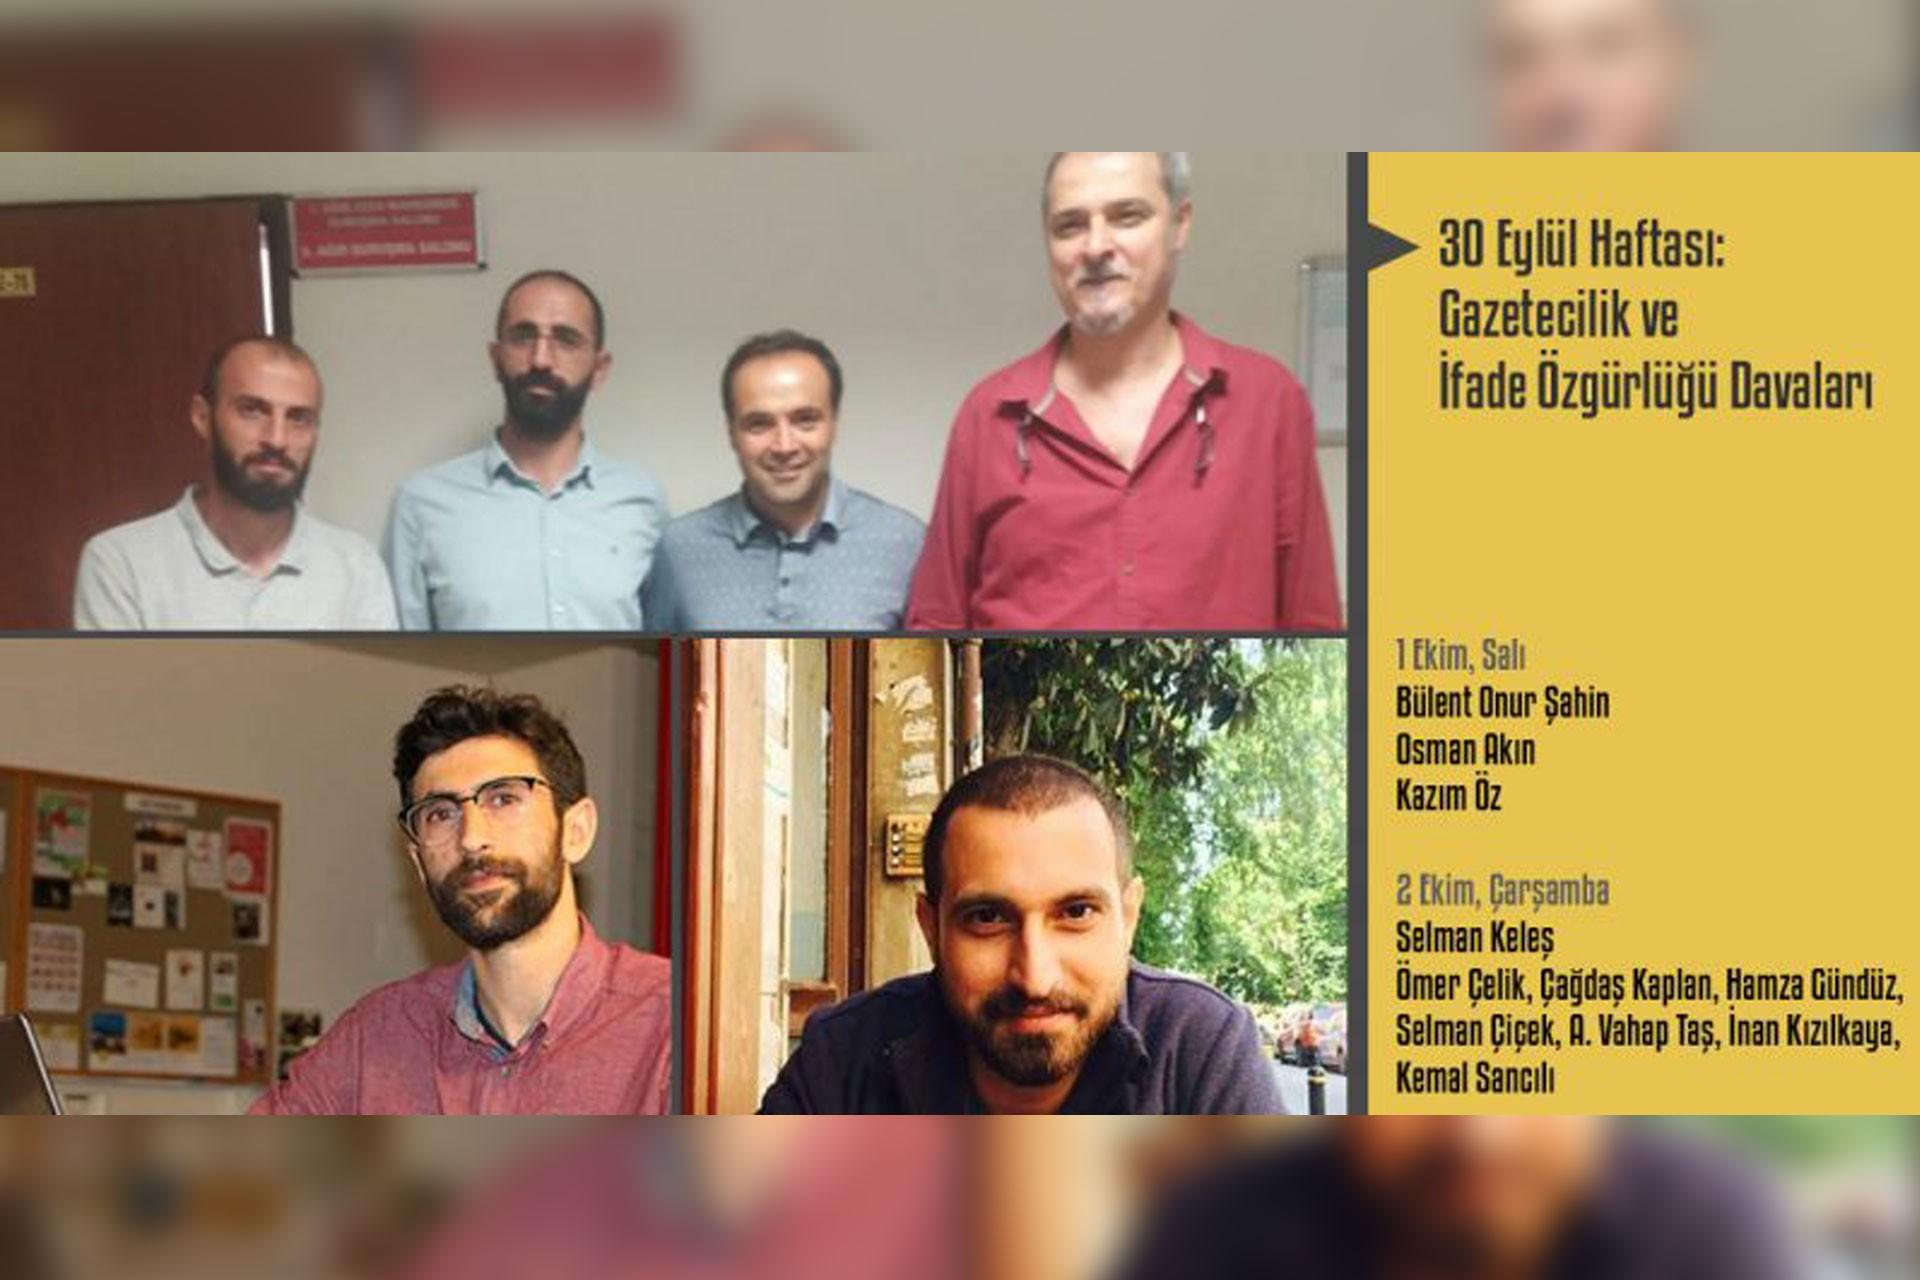 Adliye mesaisi devam: Bu hafta 9 gazeteci hakim karşısına çıkacak